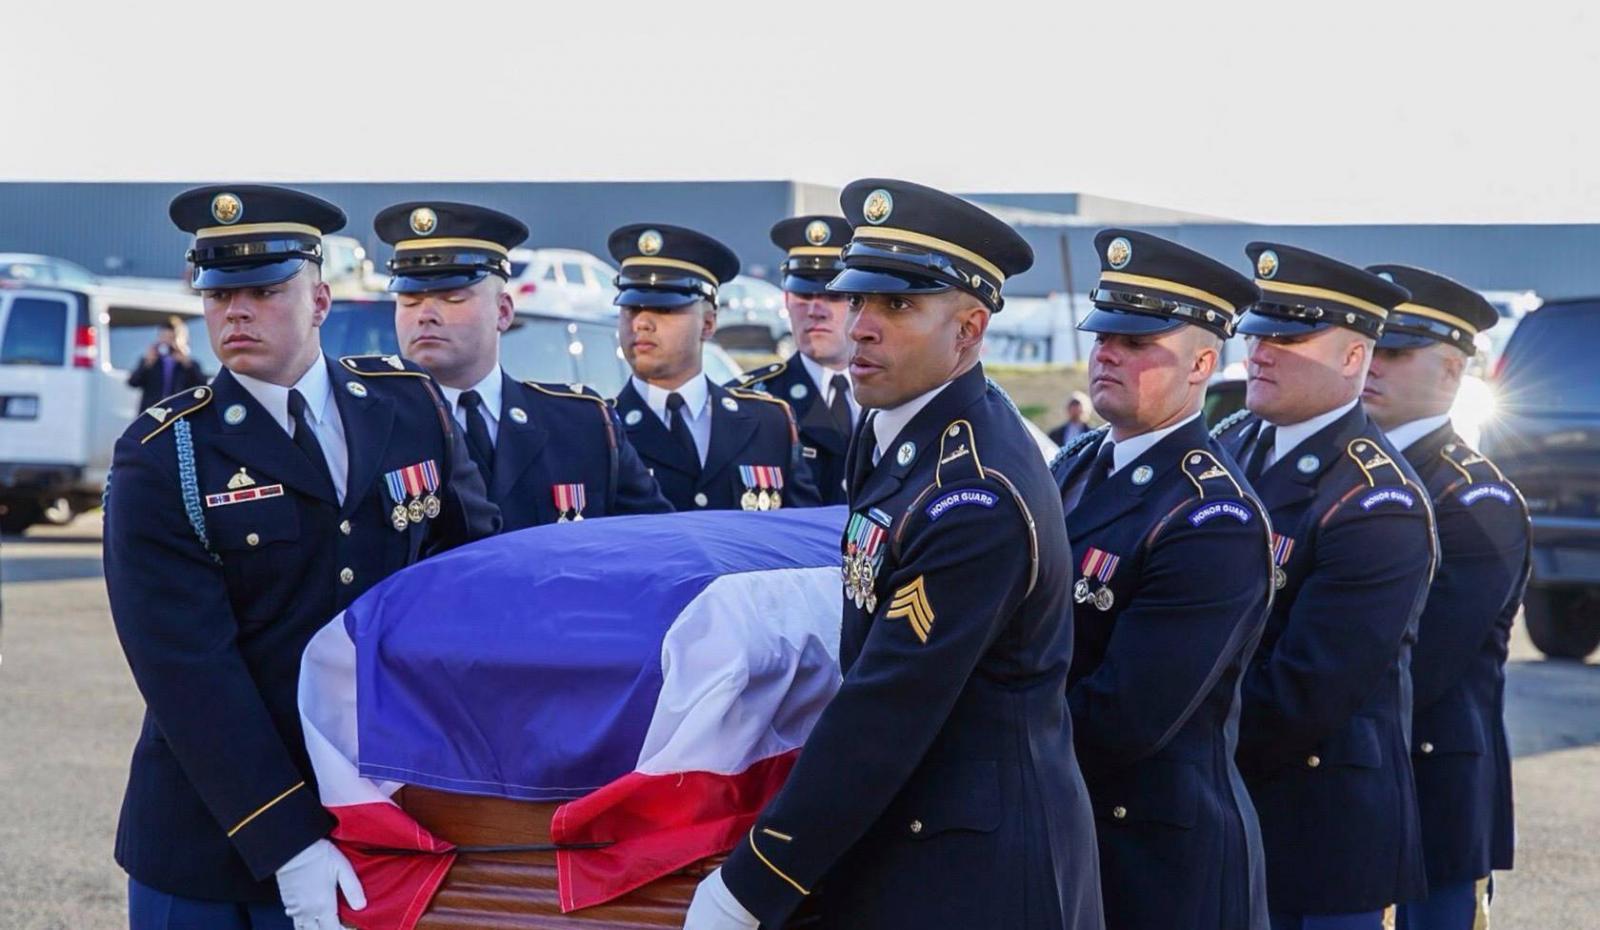 """สหรัฐฯพร้อมทหารกองเกียรติยศ ส่งศพ """"ทูตวีรชัย พลาศรัย"""" กลับถึงไทย 2 เม.ย."""